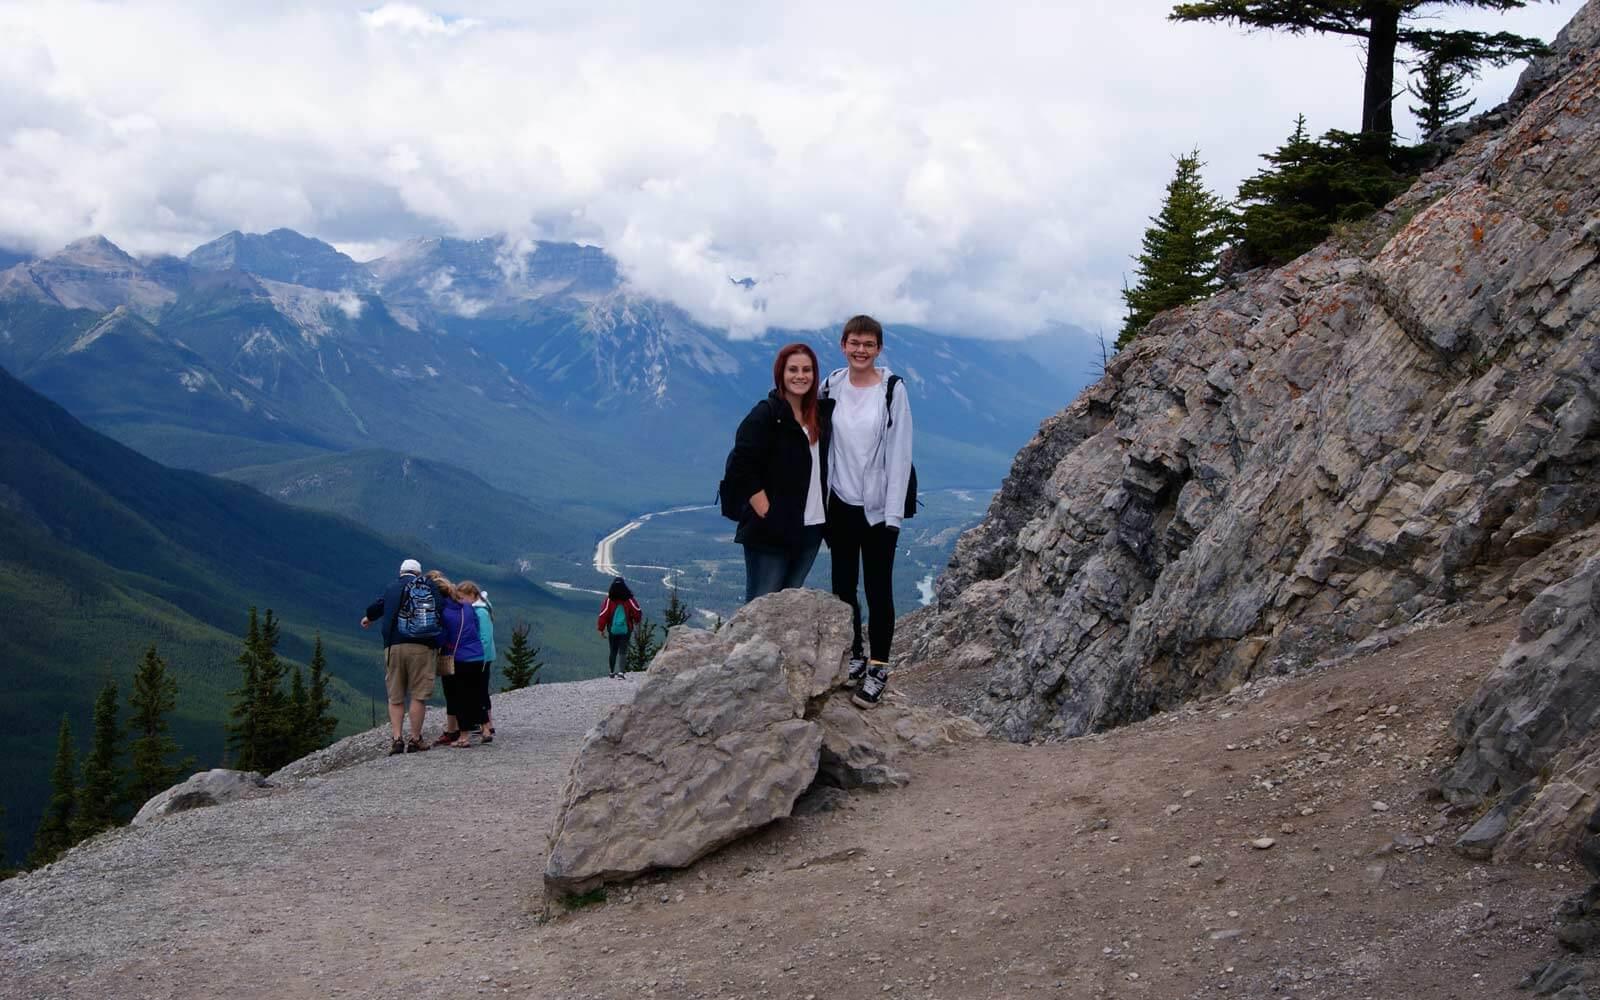 Denise und Freundin wandern den Sulphur Mountain Trail in Kanada